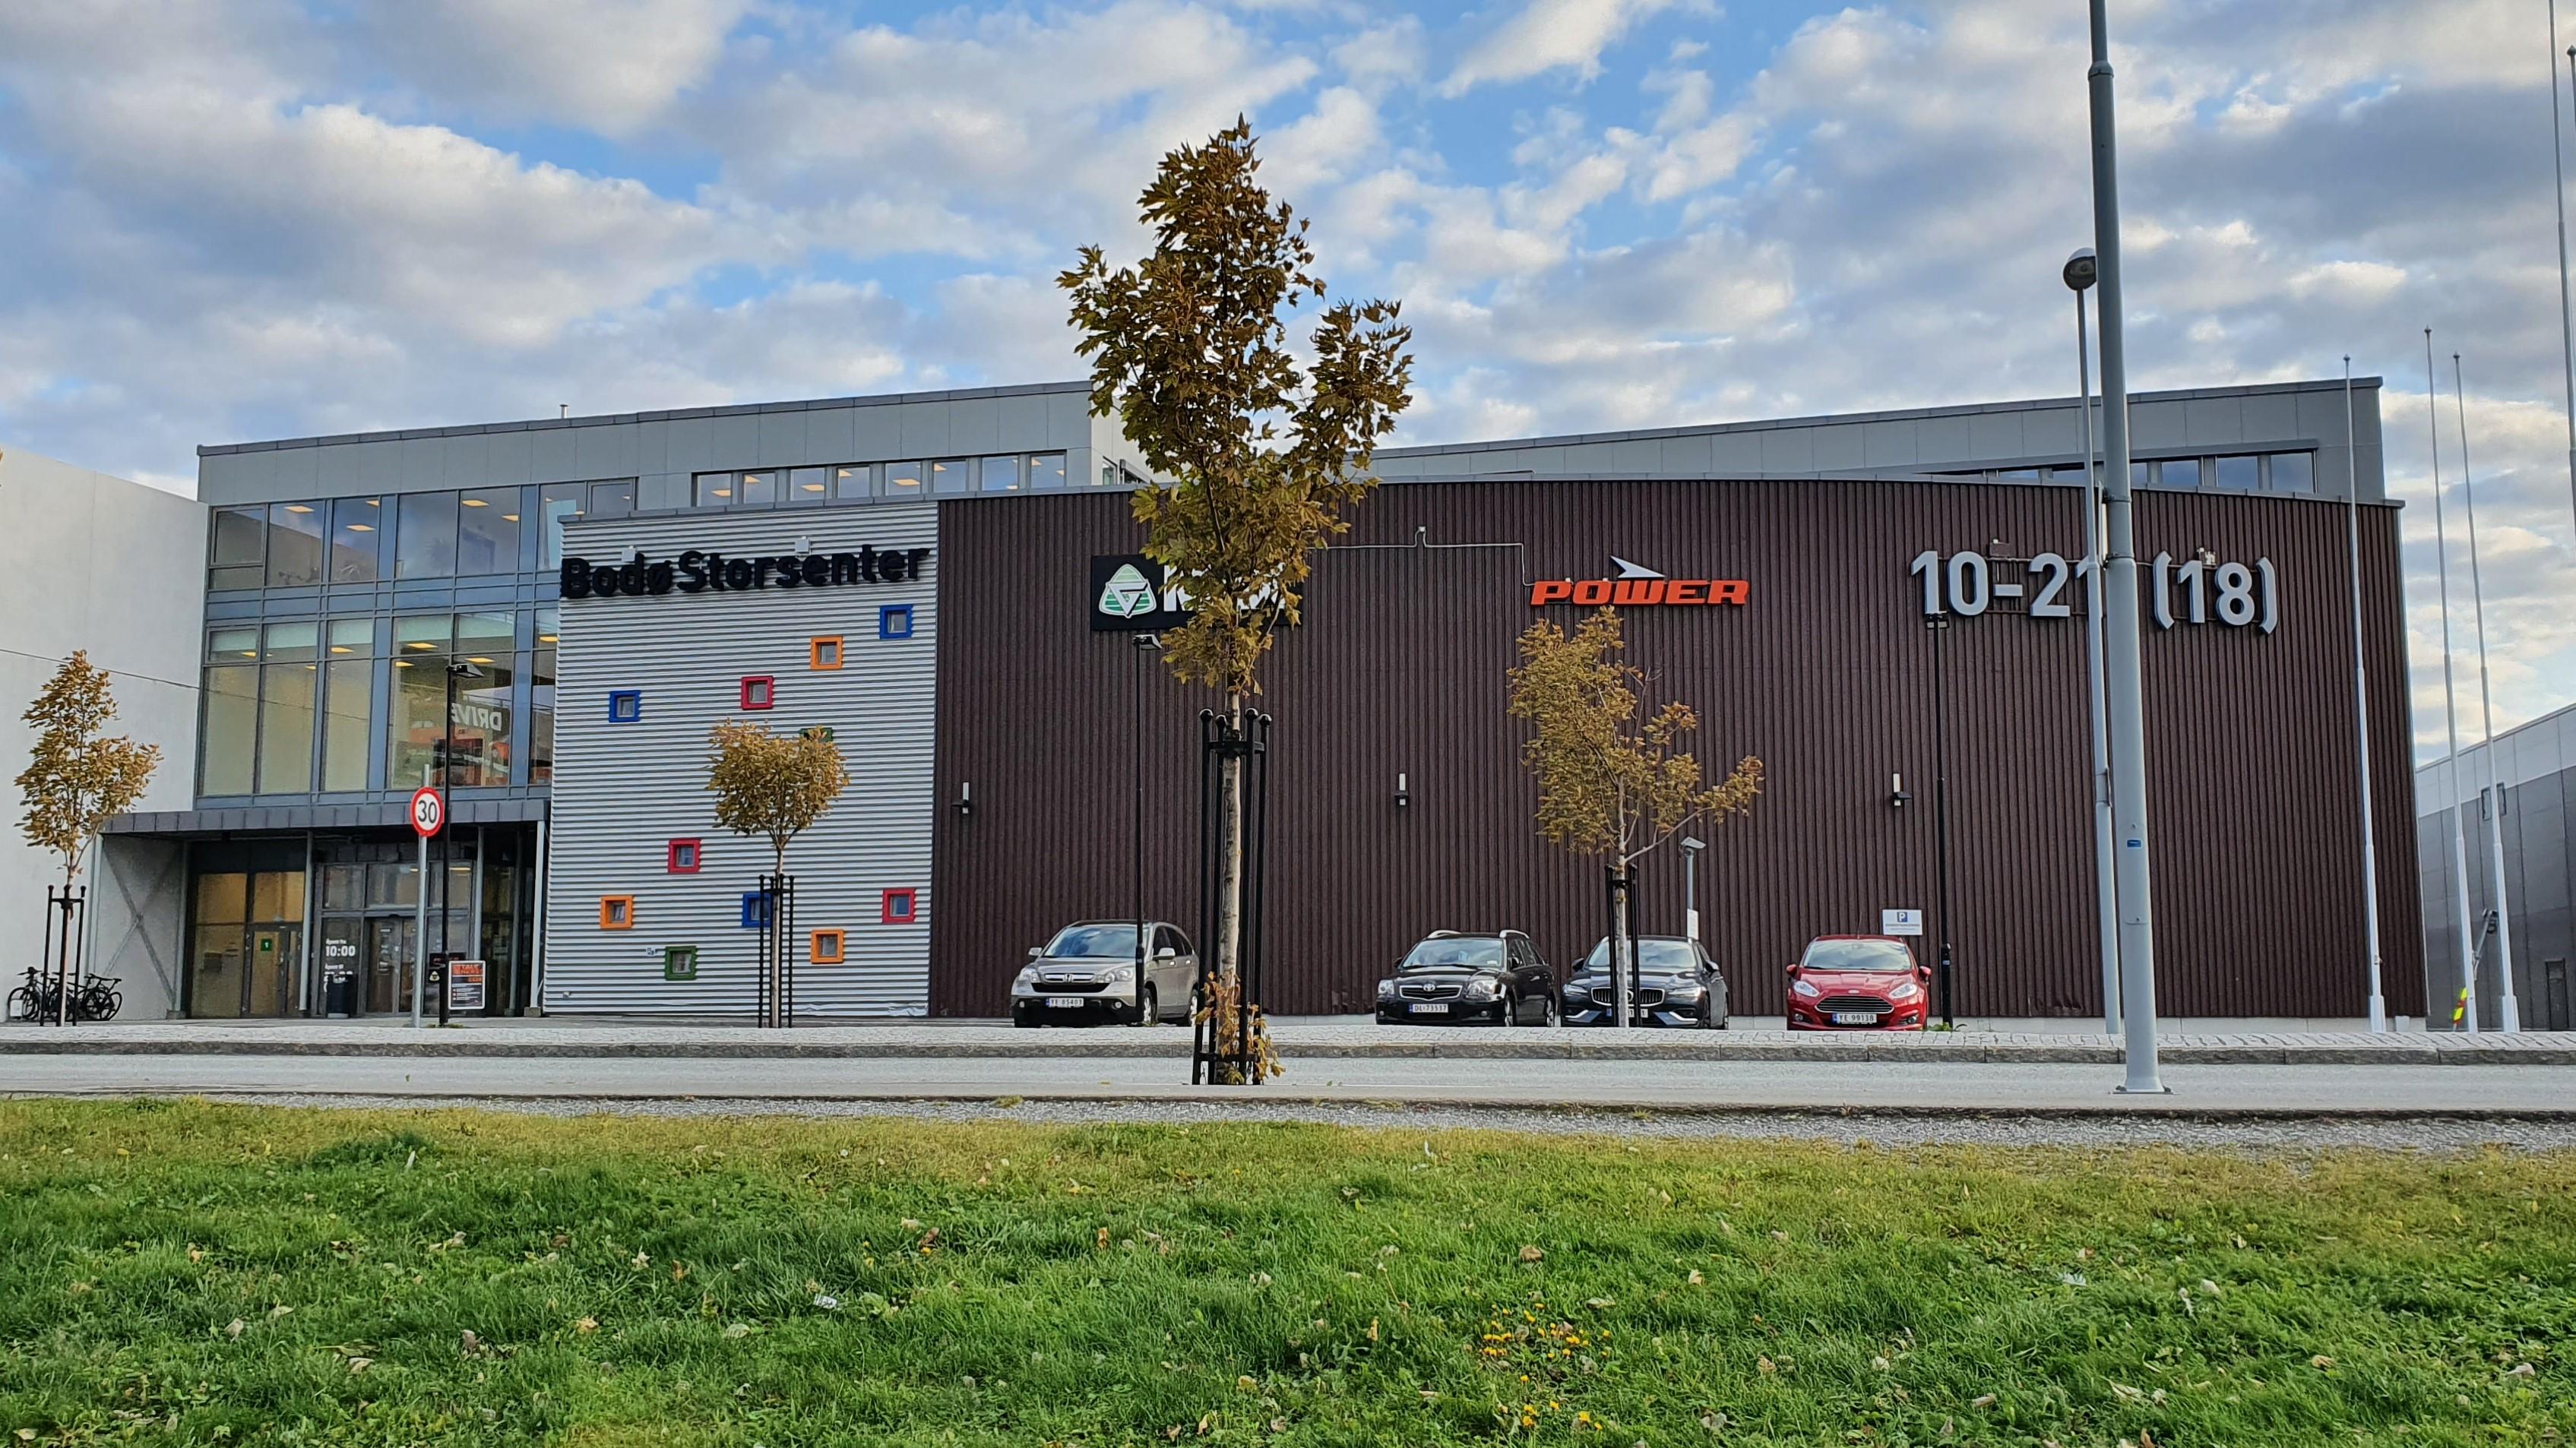 Nordvik Gruppen kjøper Bodø Storsenter